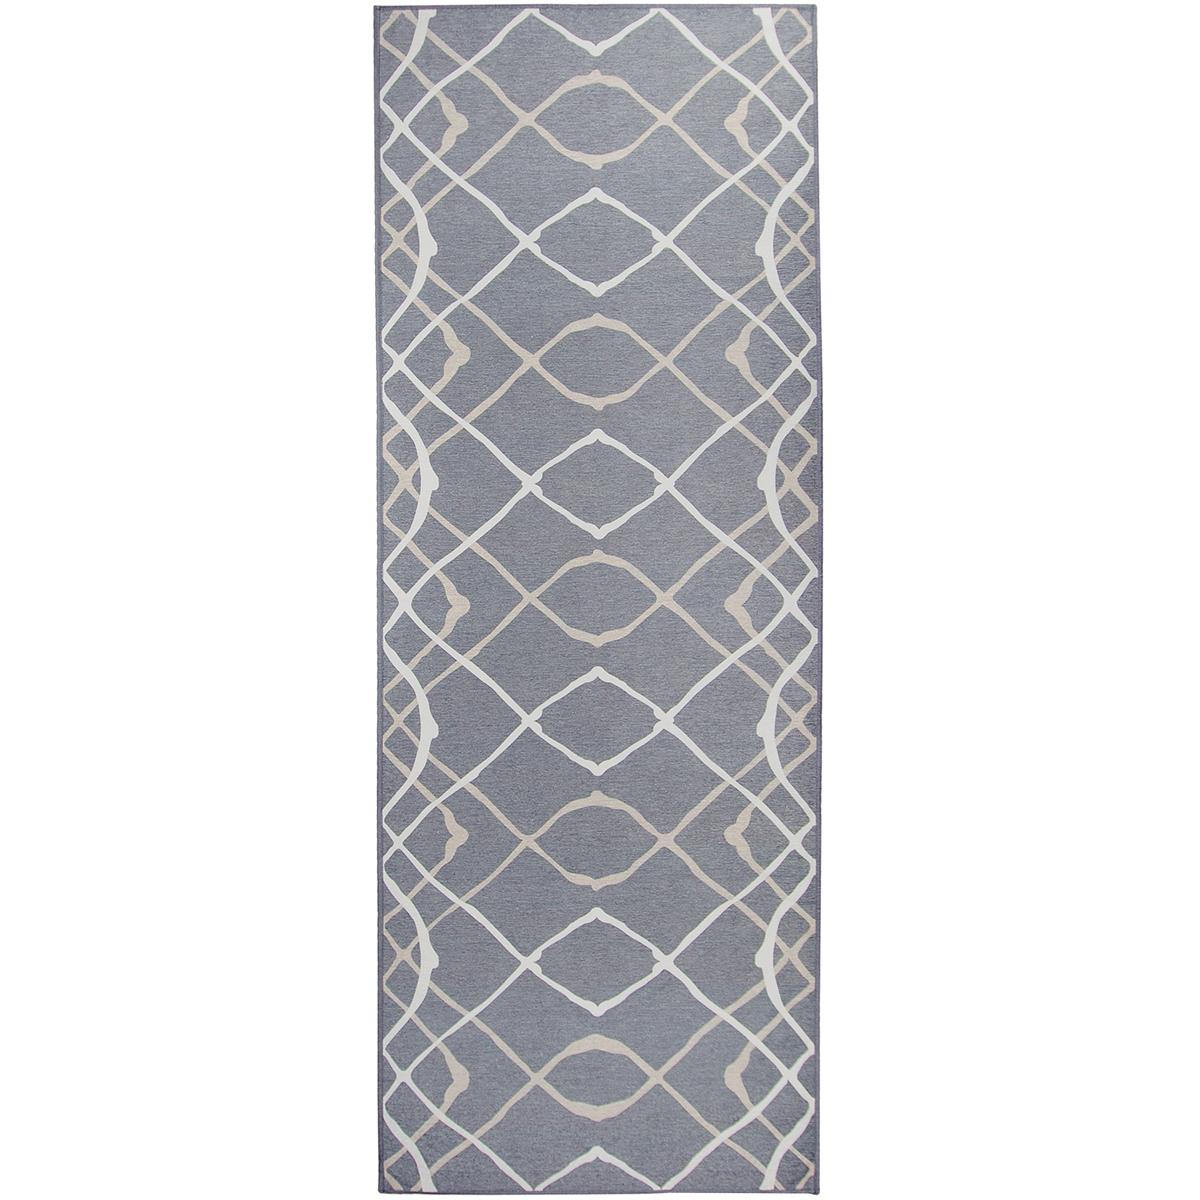 Ruggable Washable 2 5x7 Runner Rug Amara Grey